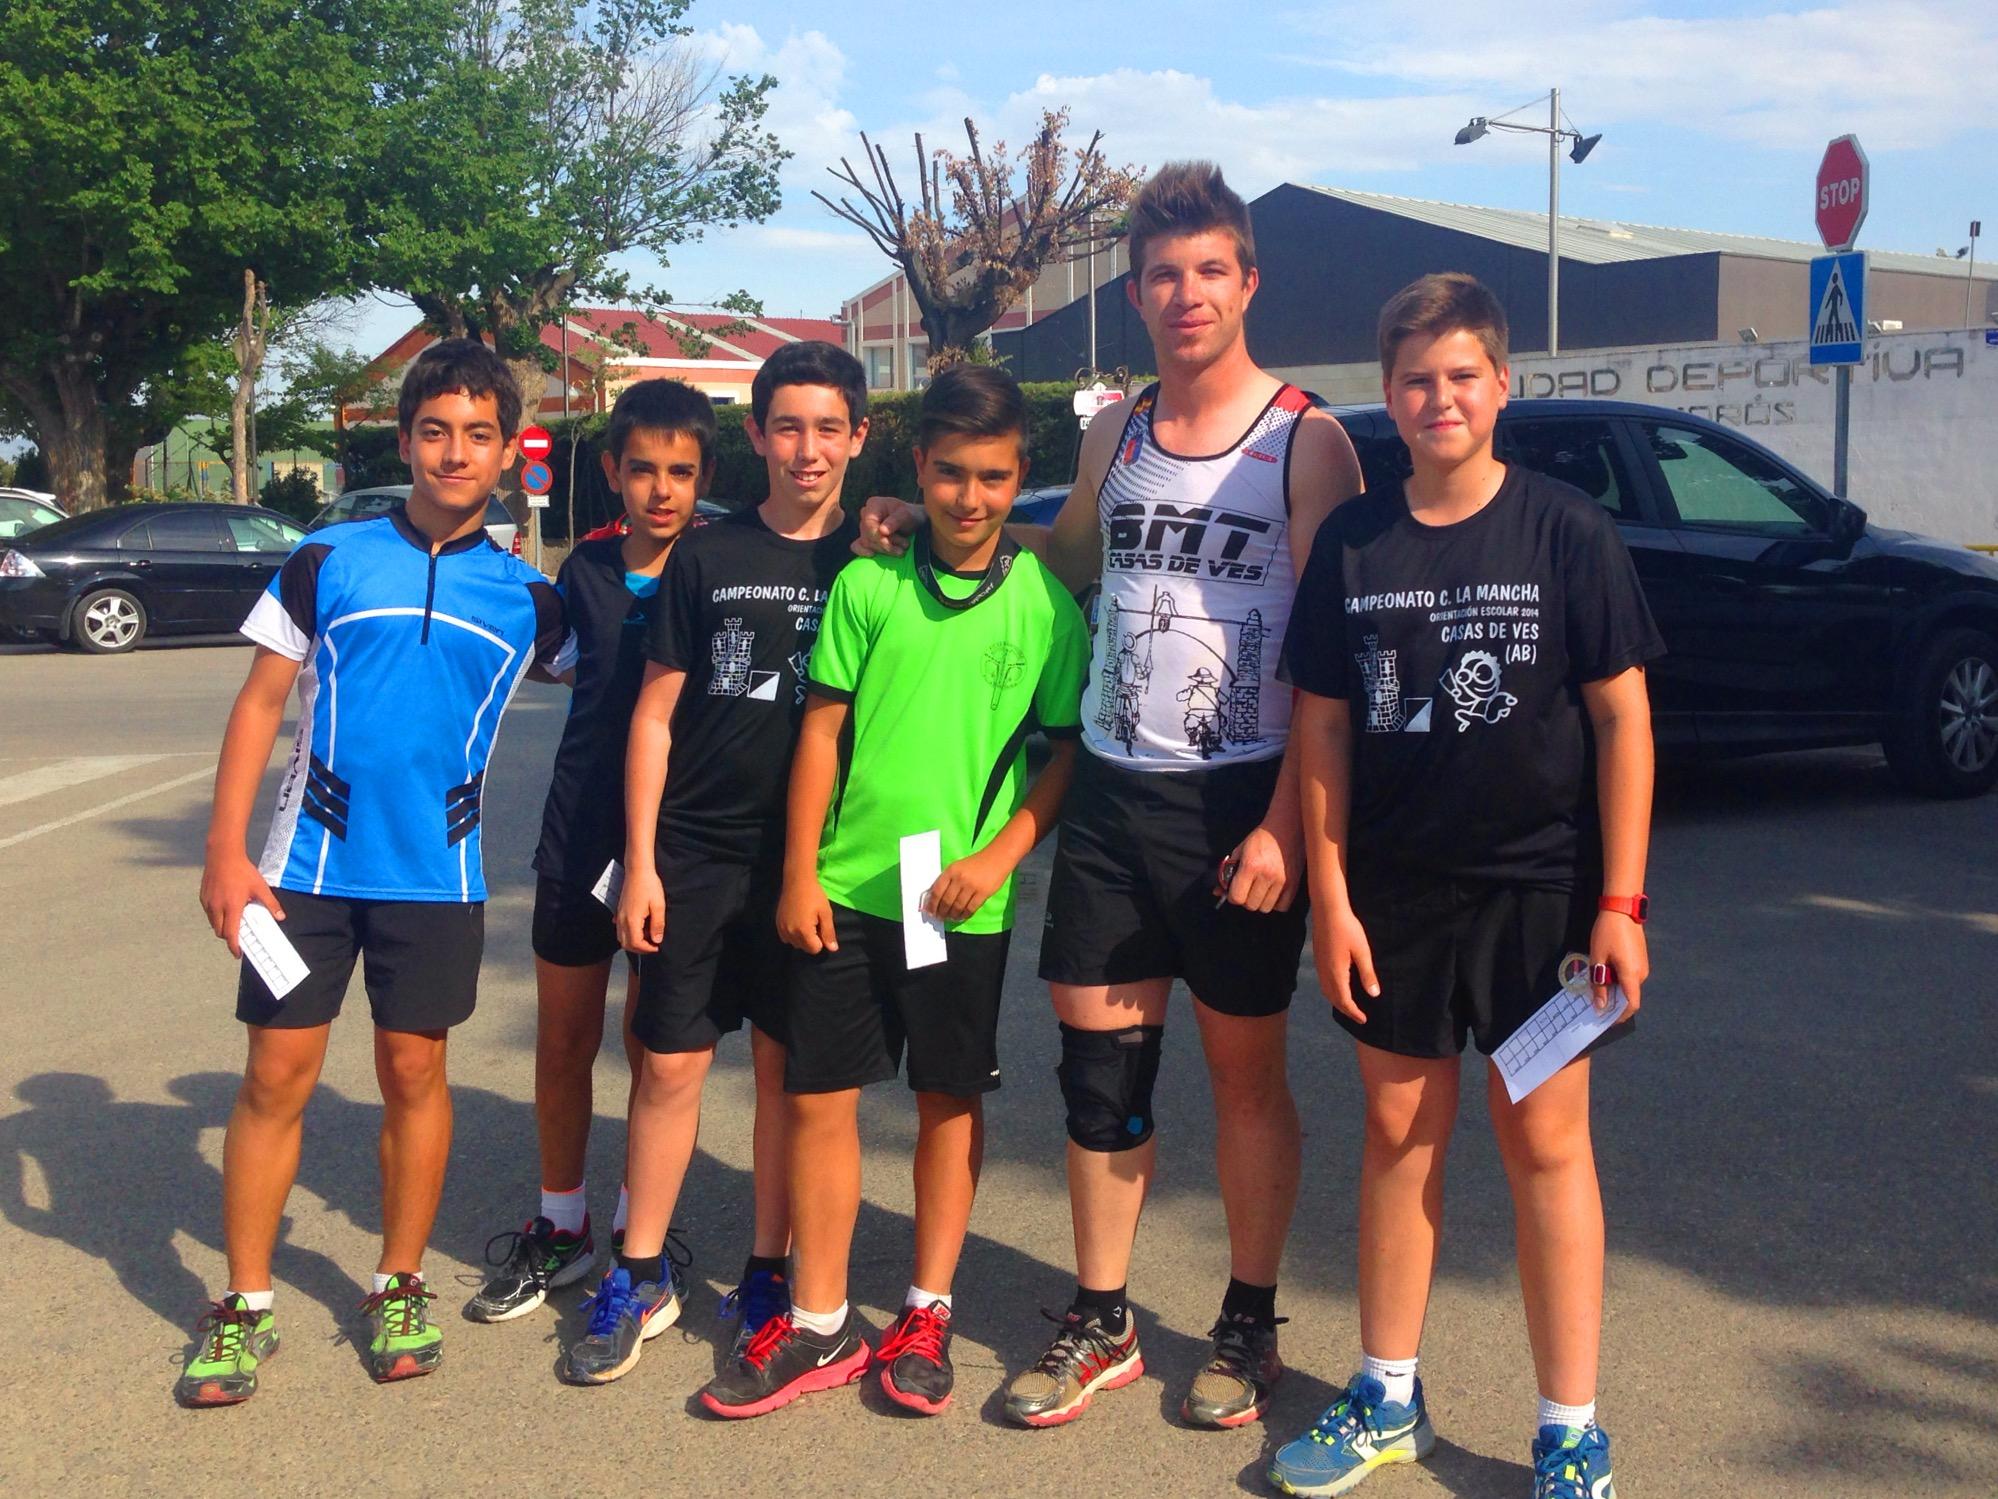 Los chicos de la escuela, junto al corredor local Carlos